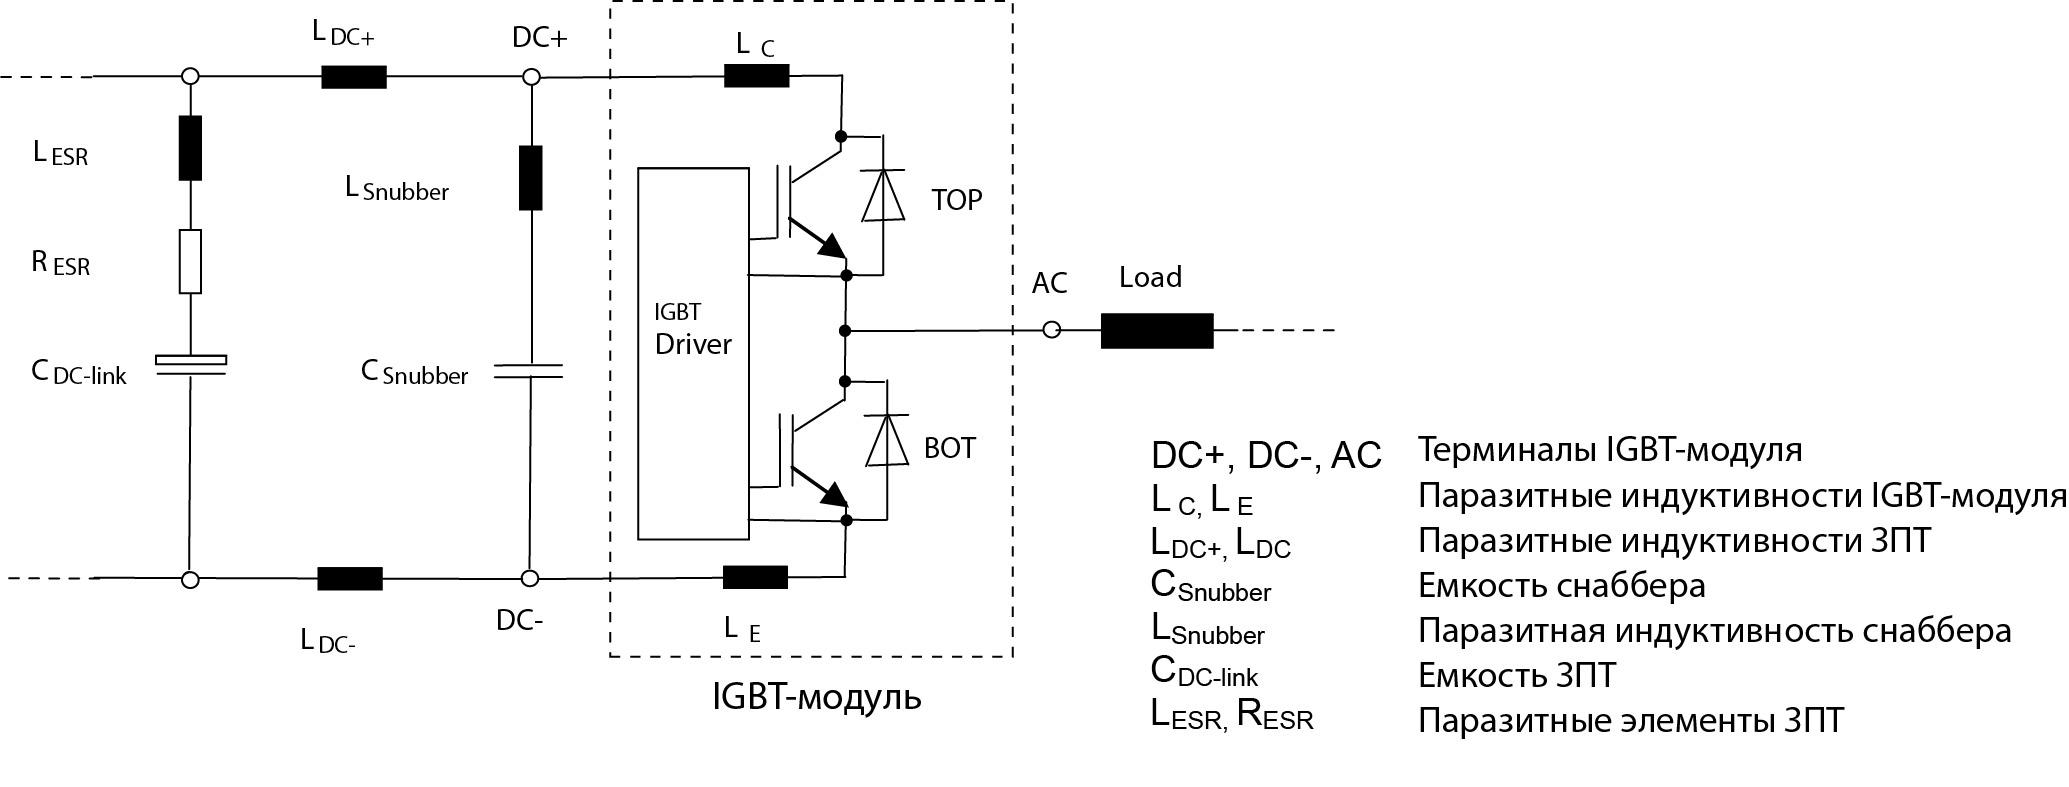 Эквивалентная схема звена постоянного тока (ЗПТ) с распределенными паразитными индуктивностями